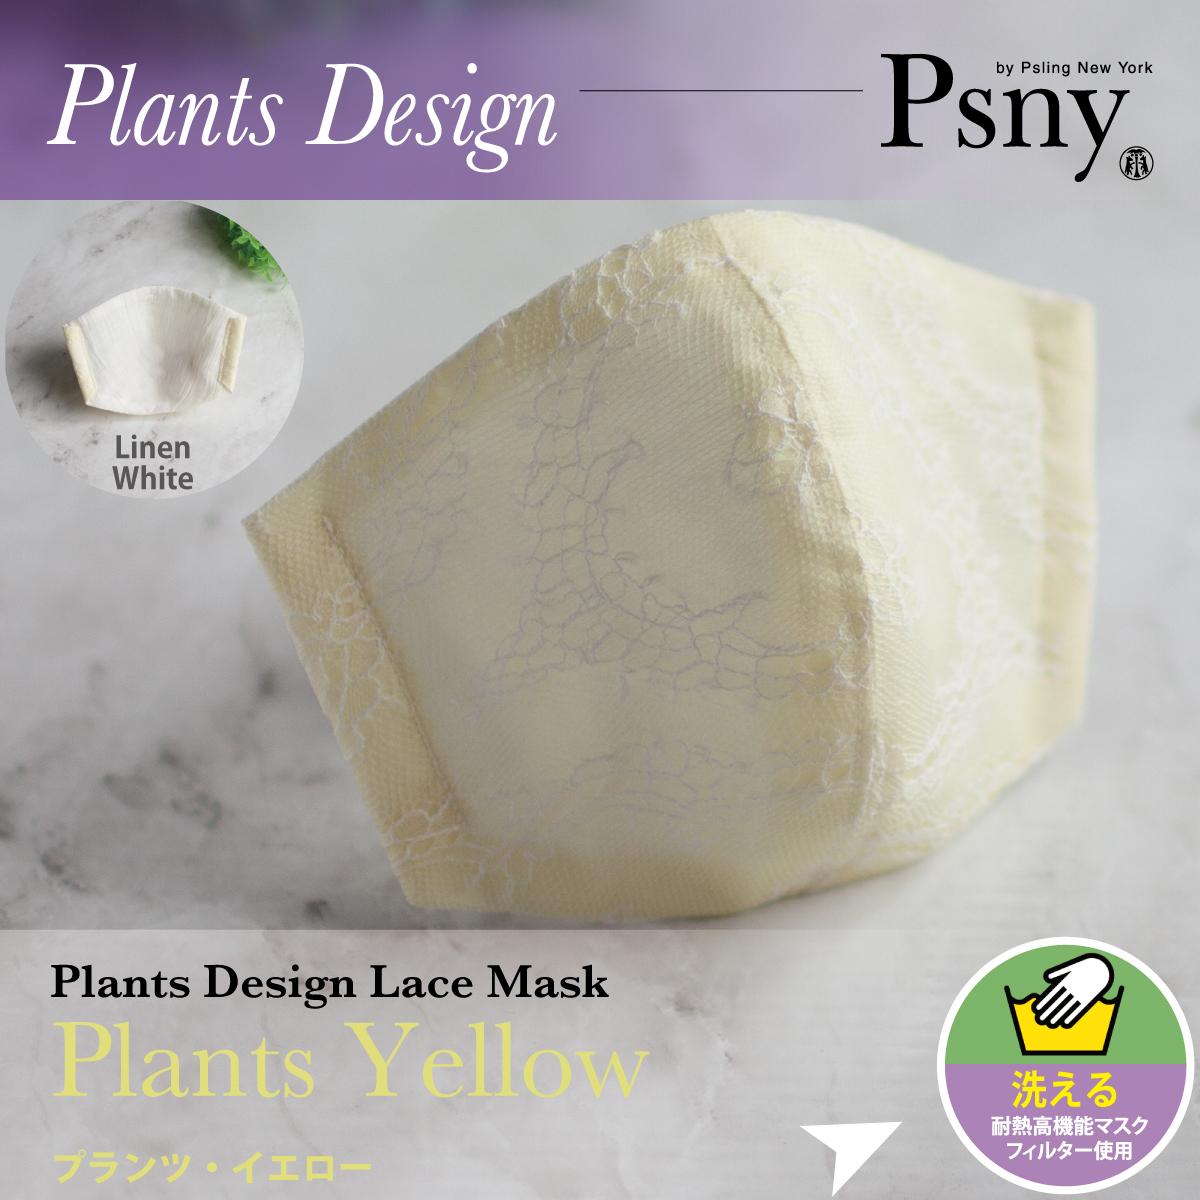 PSNY プランツ・レース・イエロー 花粉 黄砂 洗えるフィルター入り 立体 マスク 大人用 送料無料